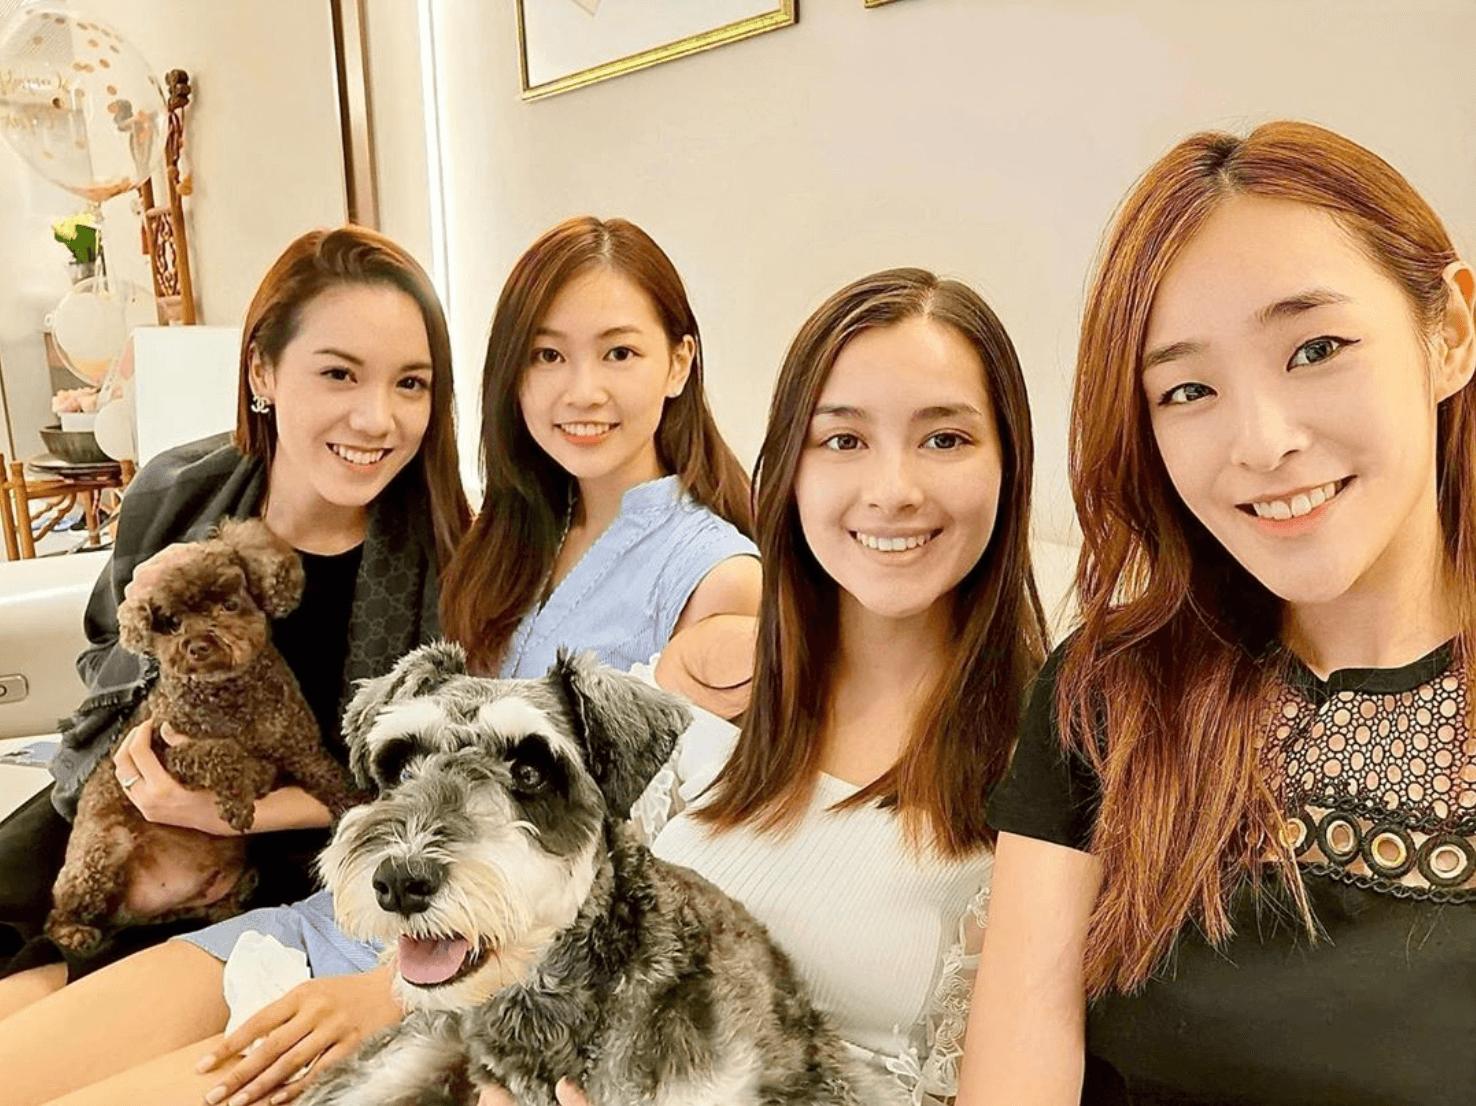 郭柏妍跟幾位得獎佳麗的感情非常要好,早前更一齊上陳楨怡的家吃飯及玩狗。